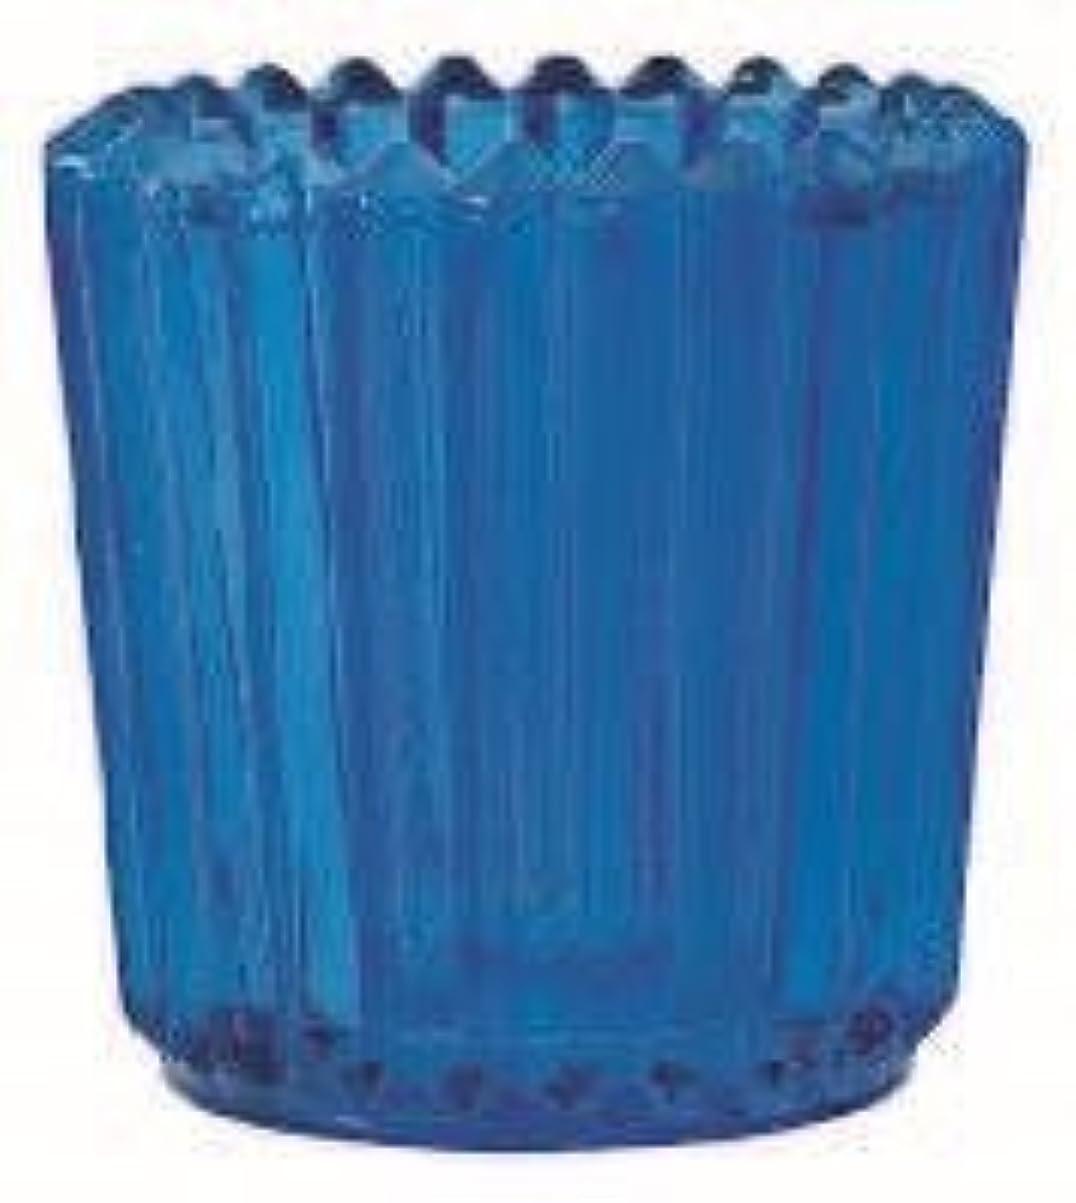 満たす固体セールスマンカメヤマキャンドル( kameyama candle ) ソレイユ 「 ブルー 」